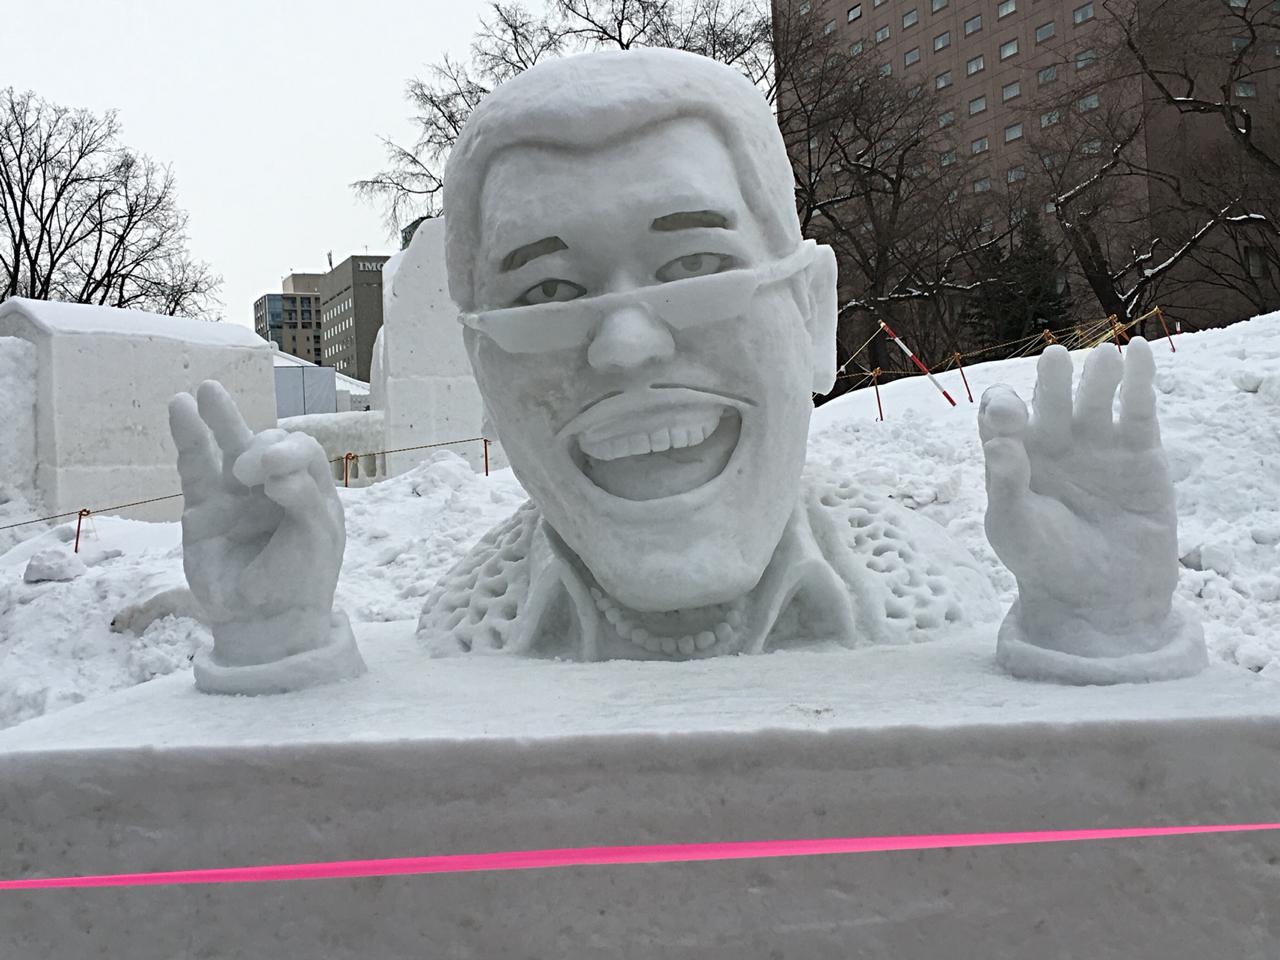 ピコ太郎さんの雪像、そっくりです!